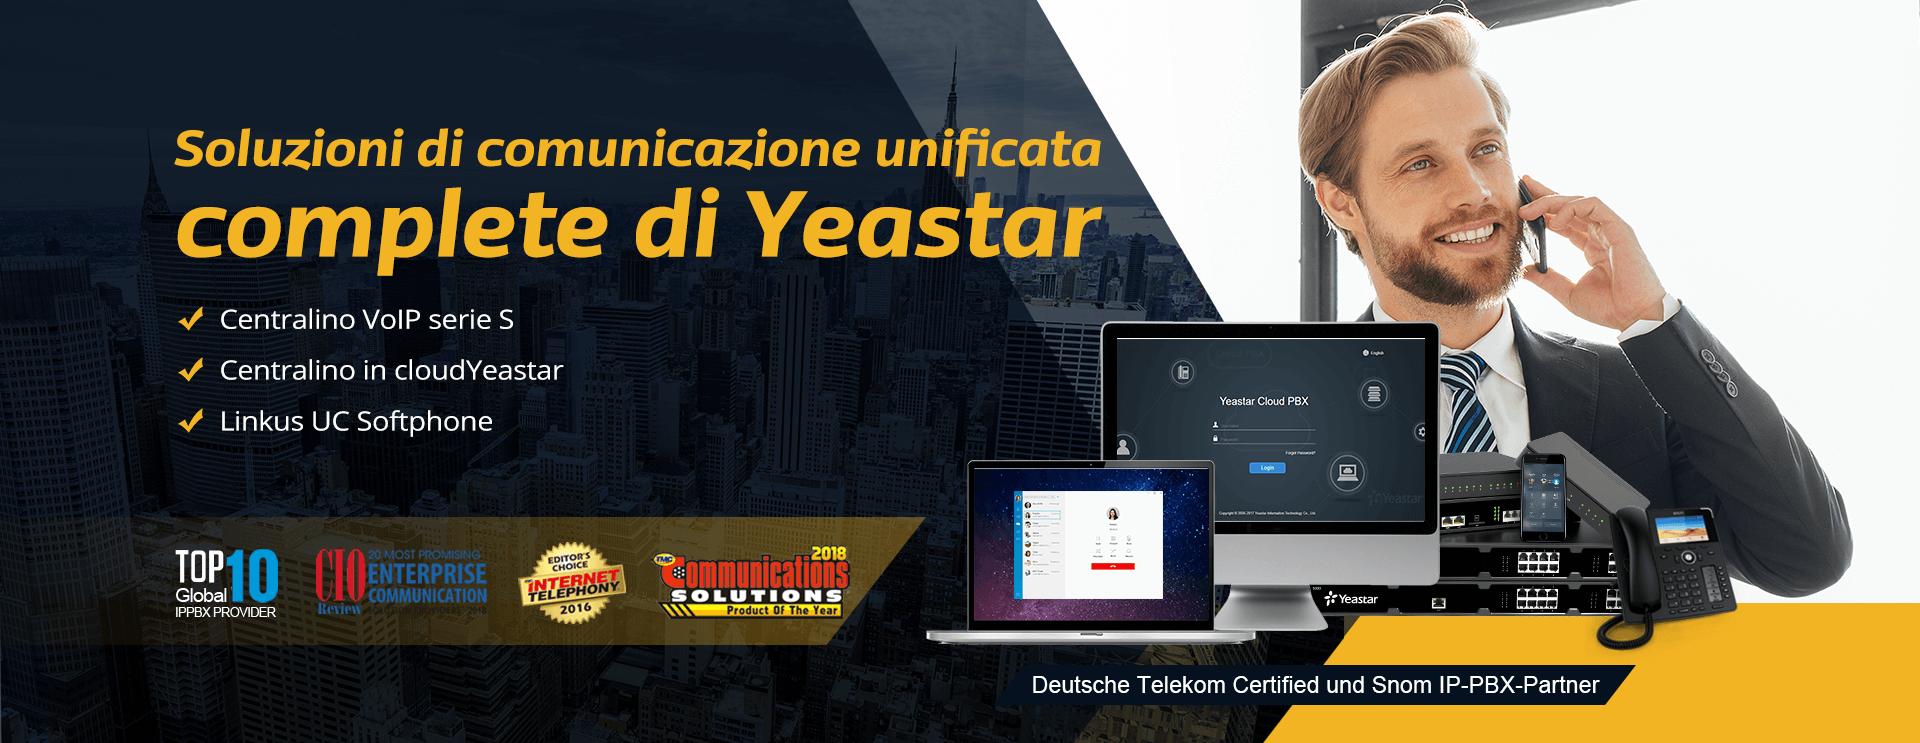 UC_Banner_IT Yeastar